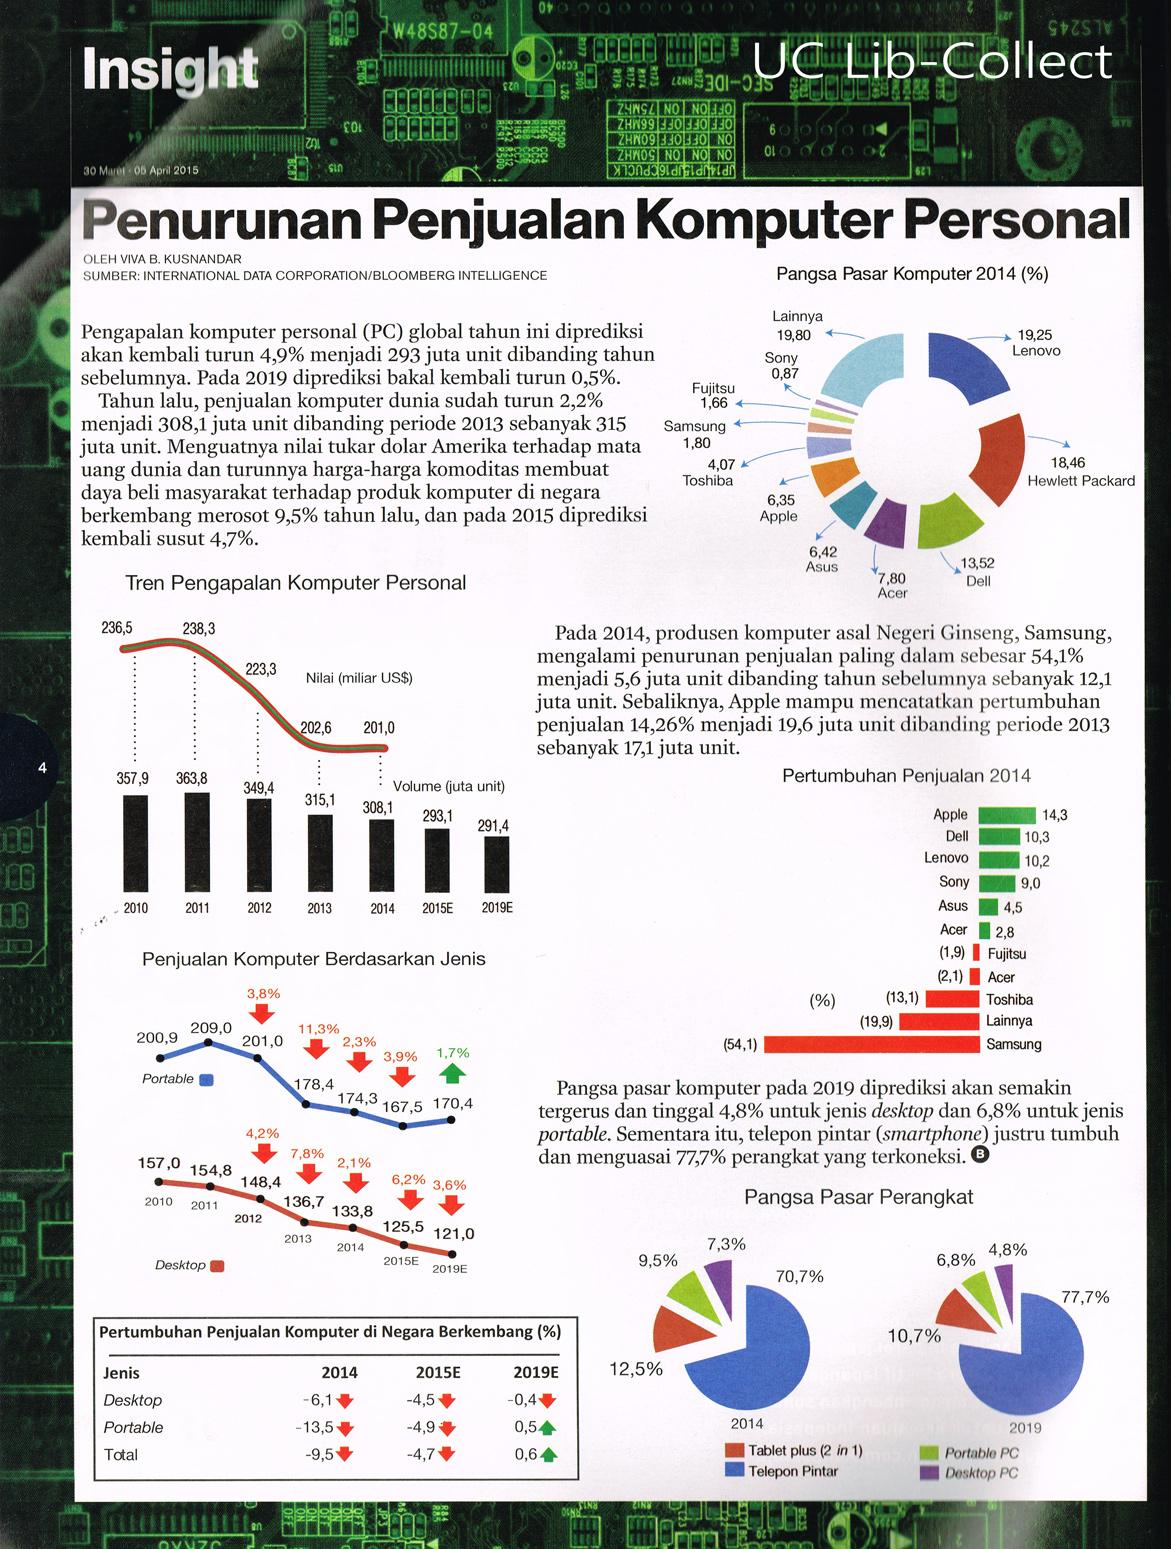 Penurunan-Penjualan-Komputer-Personal.Bloomberg-Businessweek-eds-30Mar-05Apr.2015.pg-4